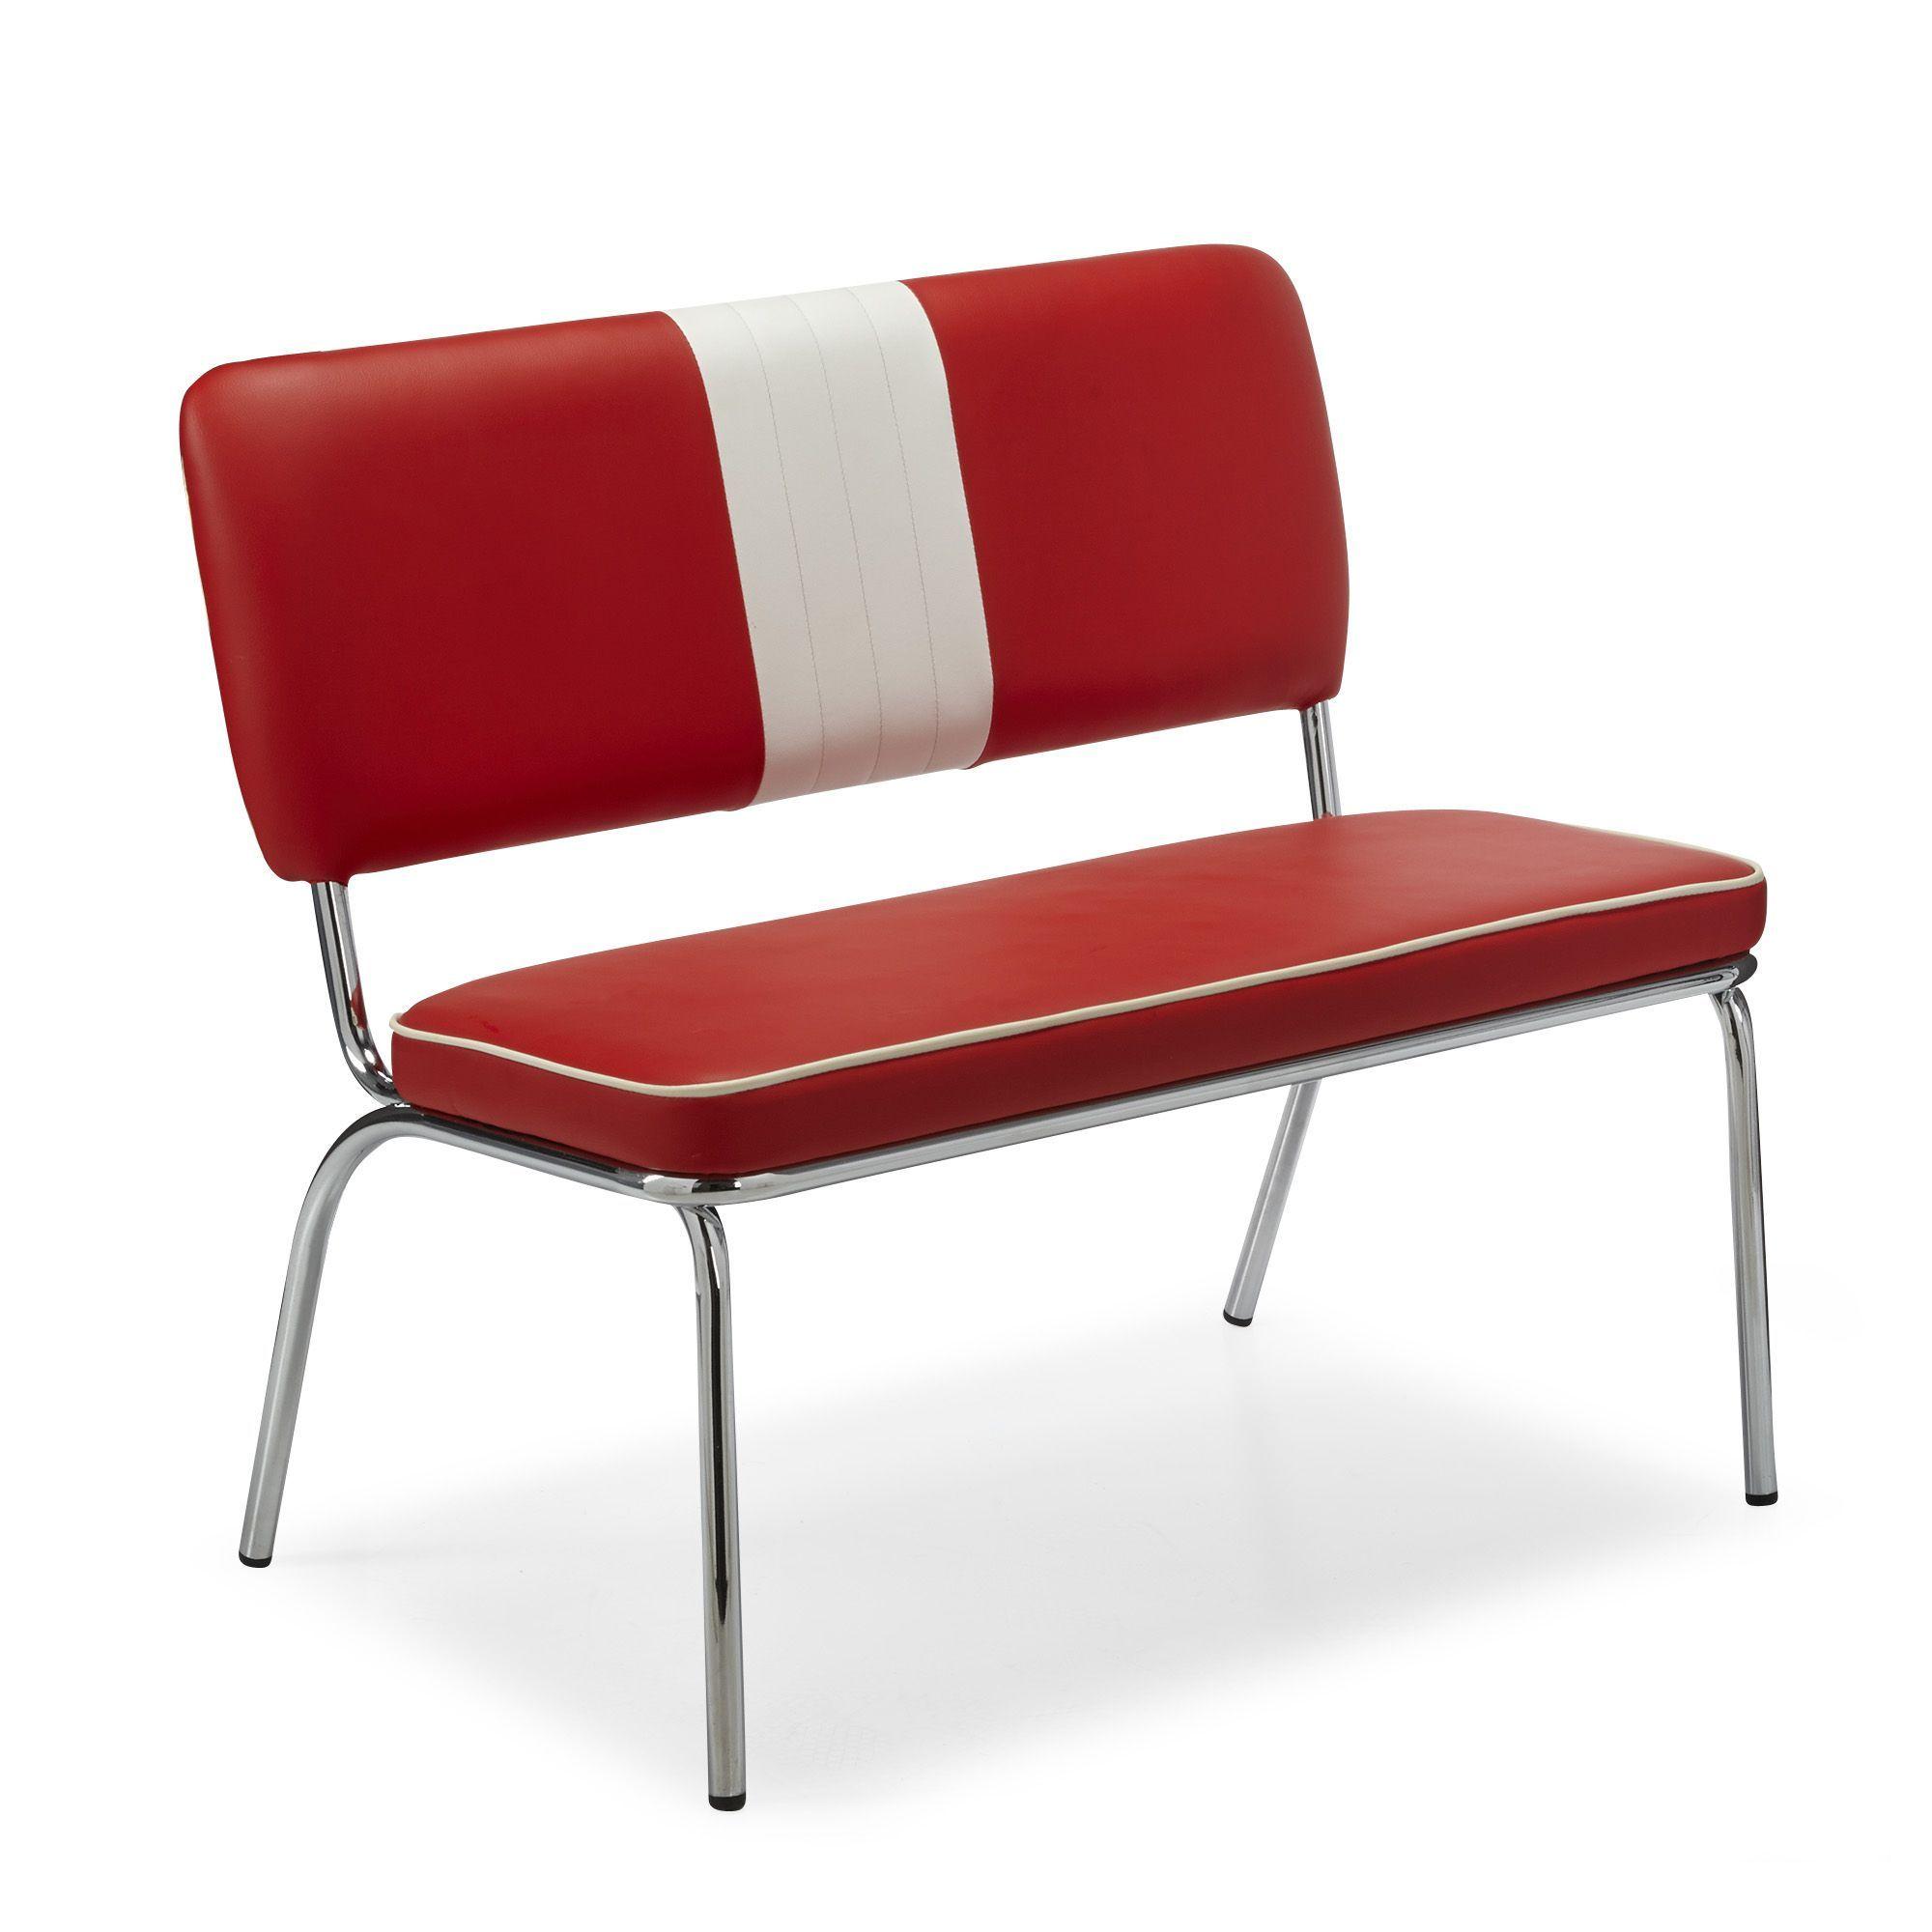 P Banquette Rouge Et Blanc P Presley Chaises Tables Chaises Salon Salle A Manger Par Piece Dec Mobilier De Salon Decoration Interieure Chaises Salon